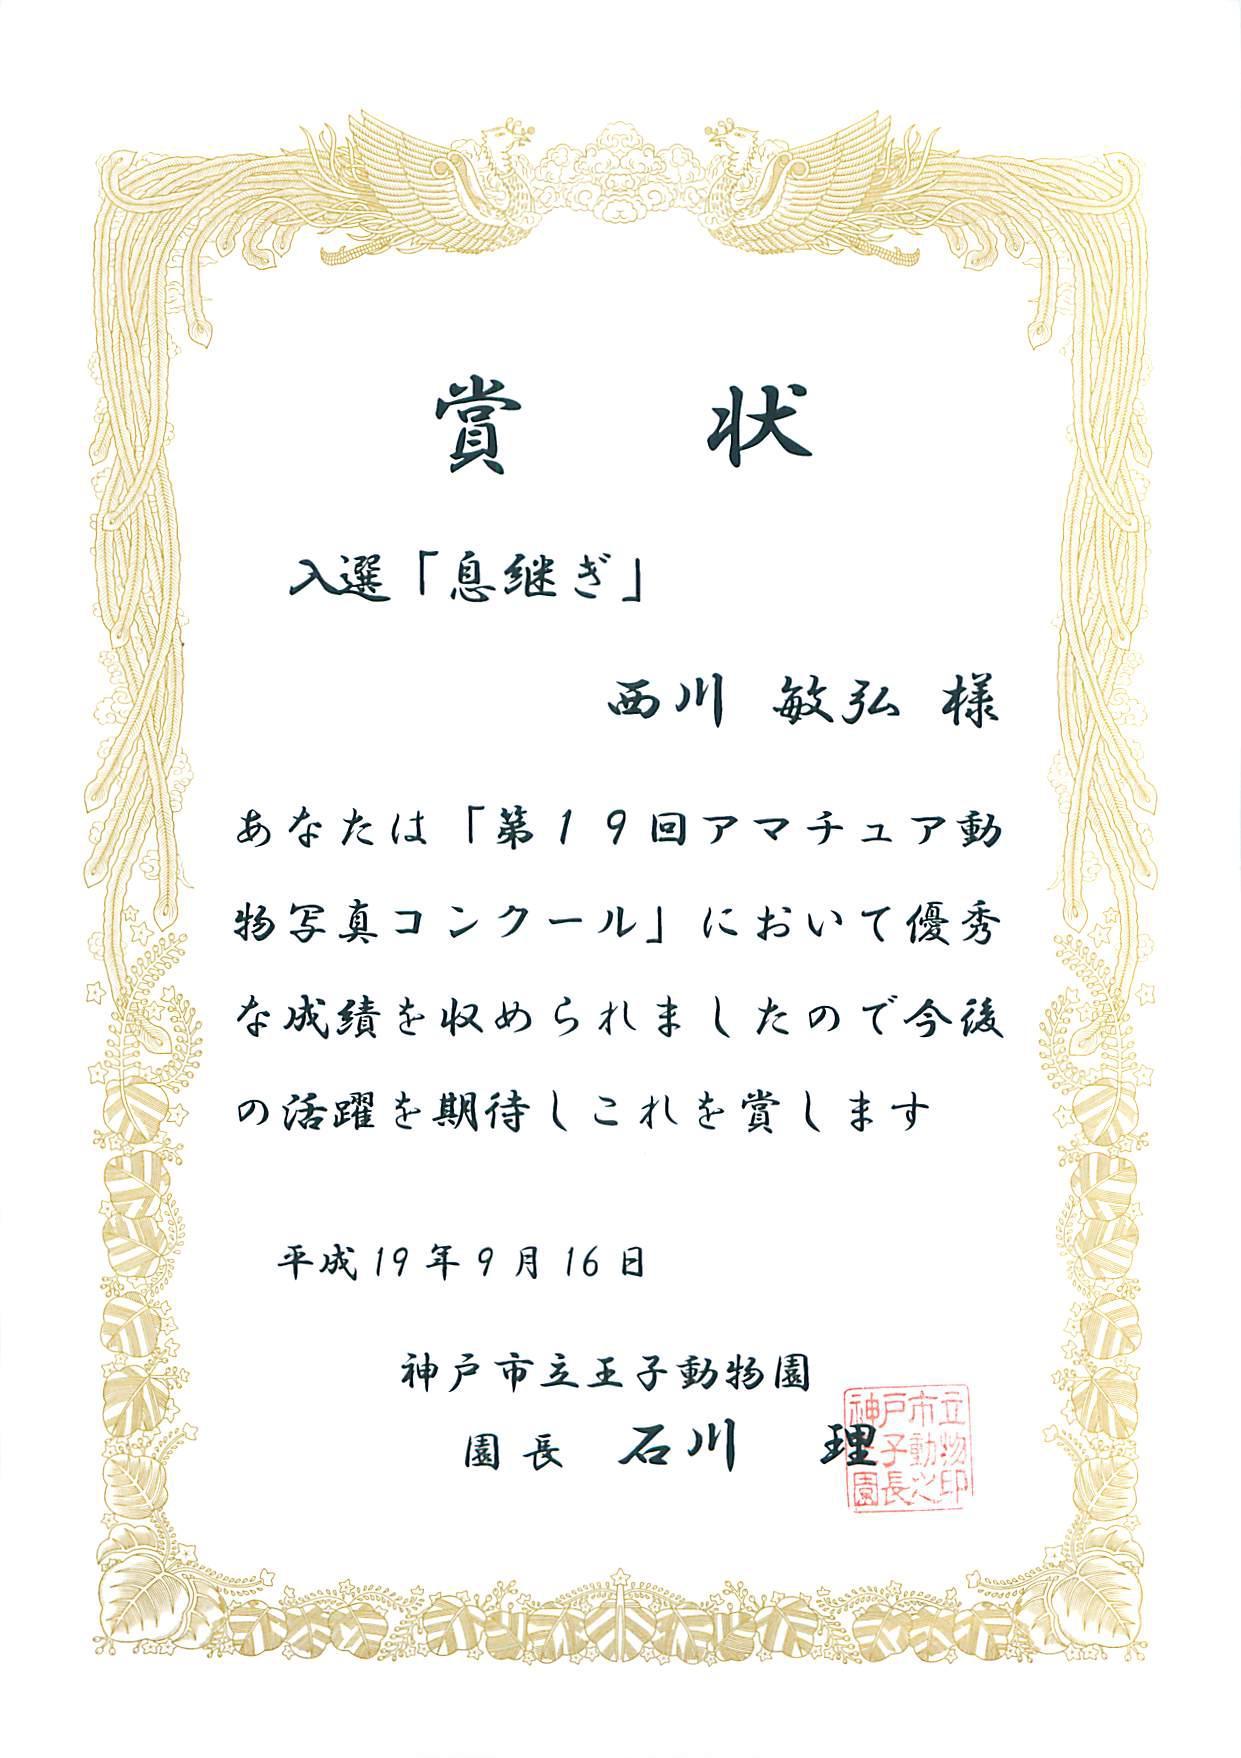 第19回 アマチュア動物写真コンクール 入選 「息継ぎ」_a0288226_21205287.jpg